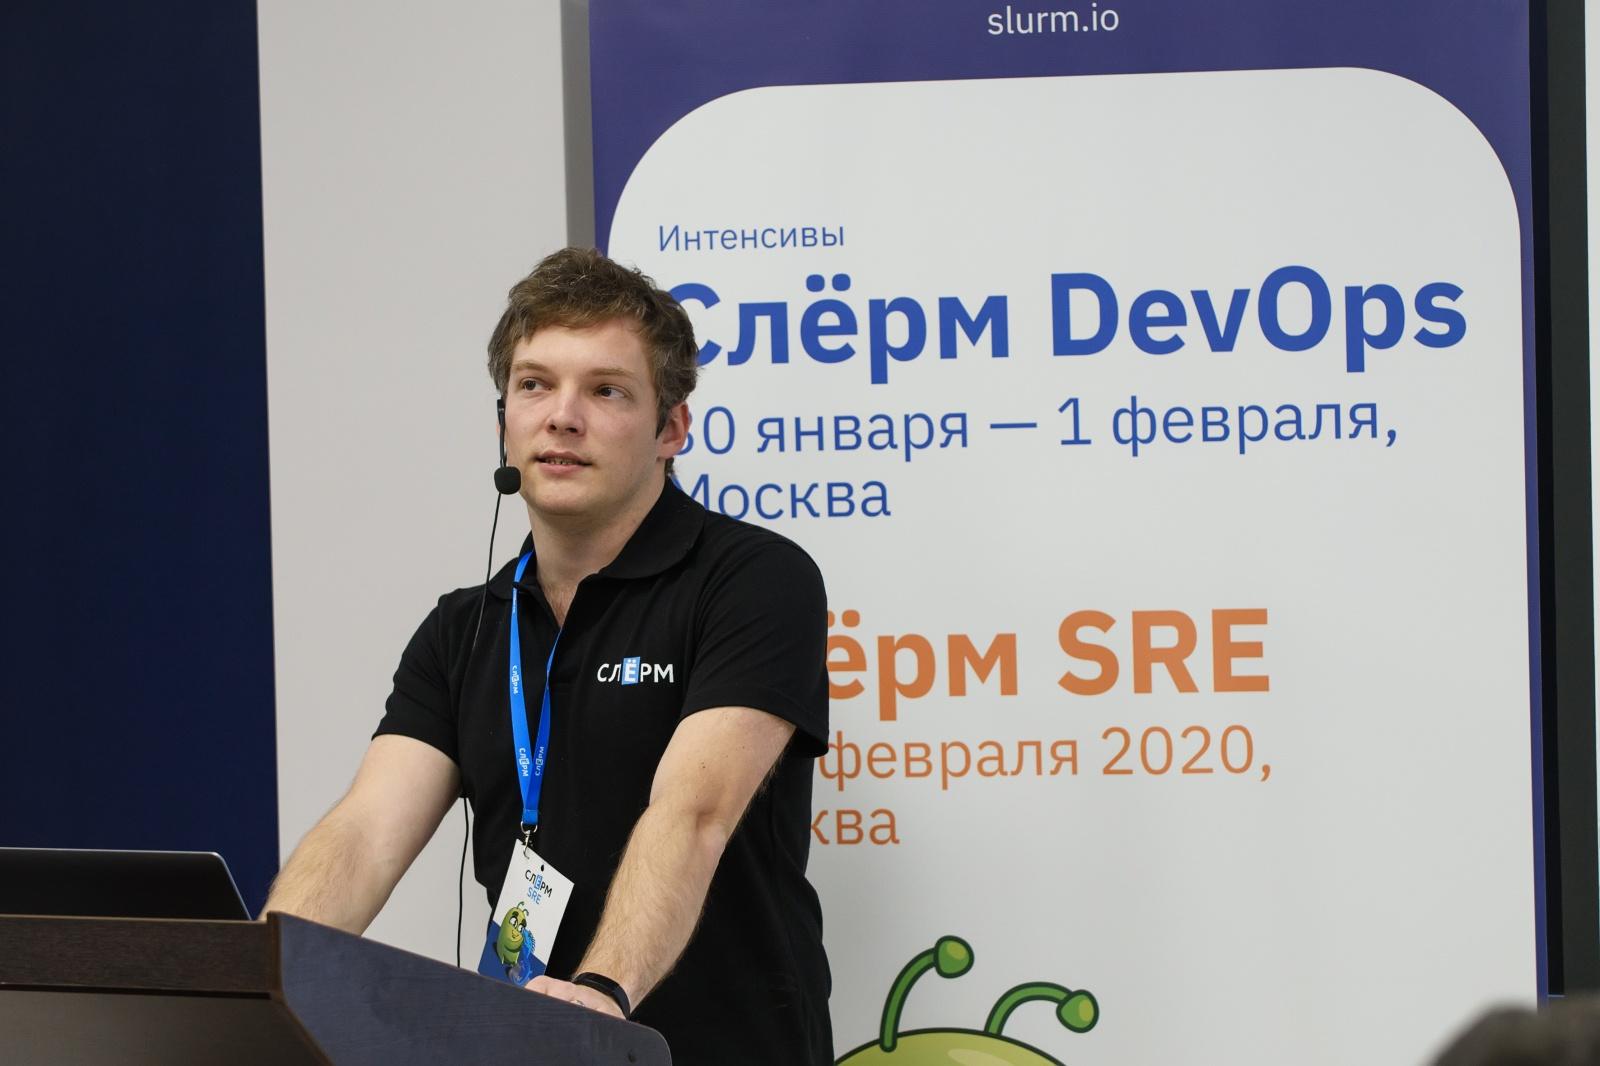 Евгений Варавва, разработчик в Google. Как описать Google в 5 словах - 1